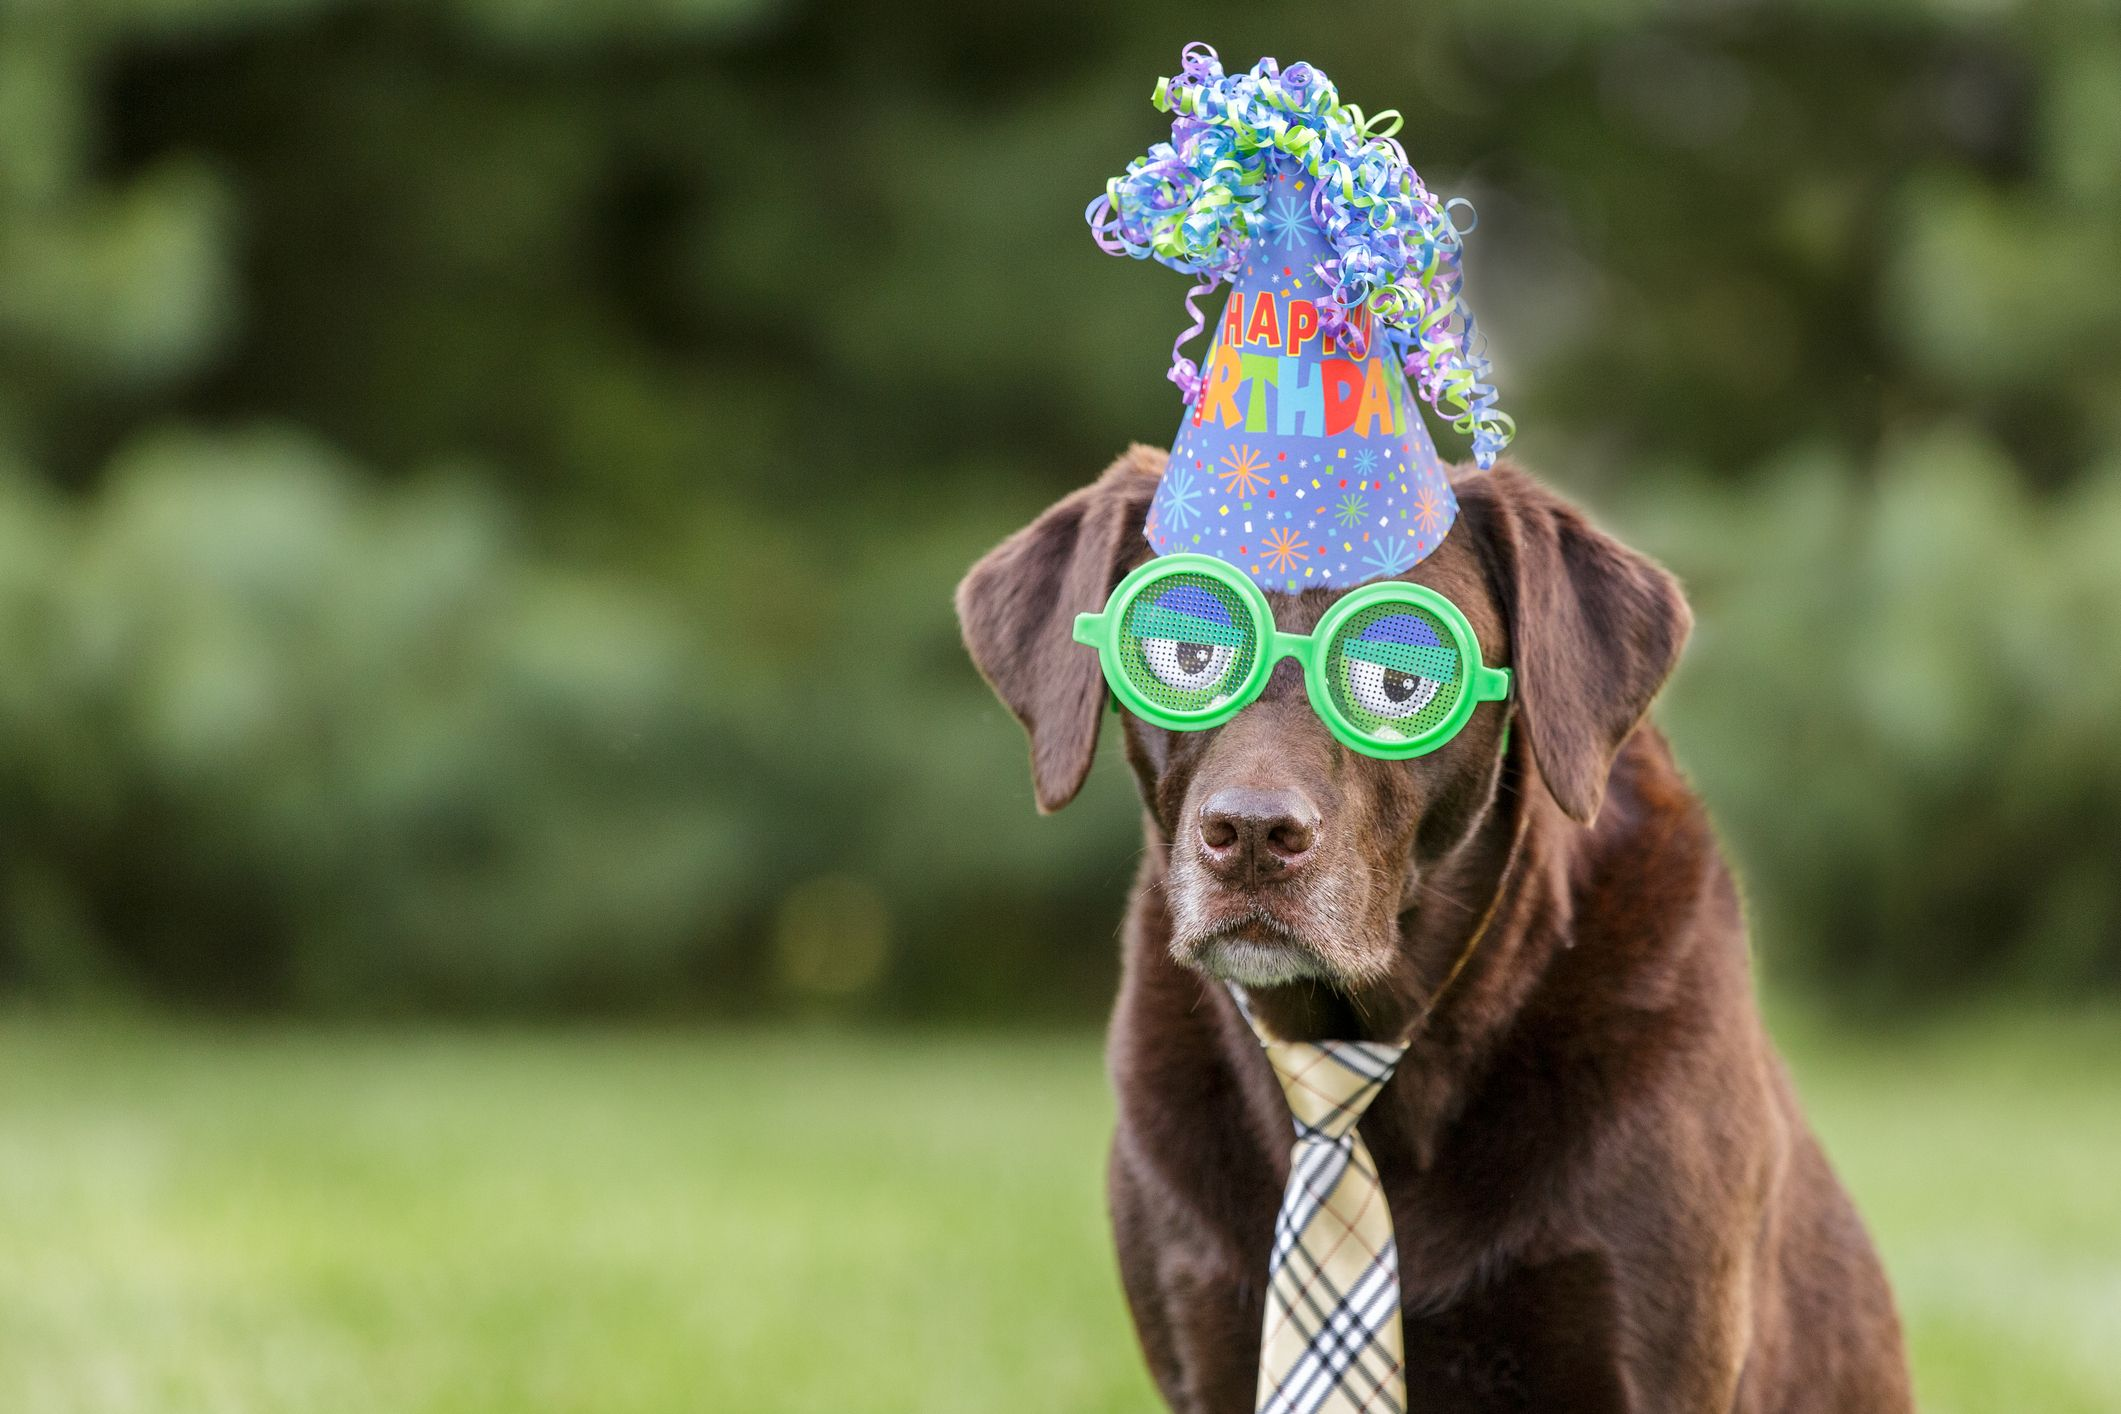 Astounding 50 Best Birthday Captions For Instagram Cute And Funny Birthday Funny Birthday Cards Online Overcheapnameinfo